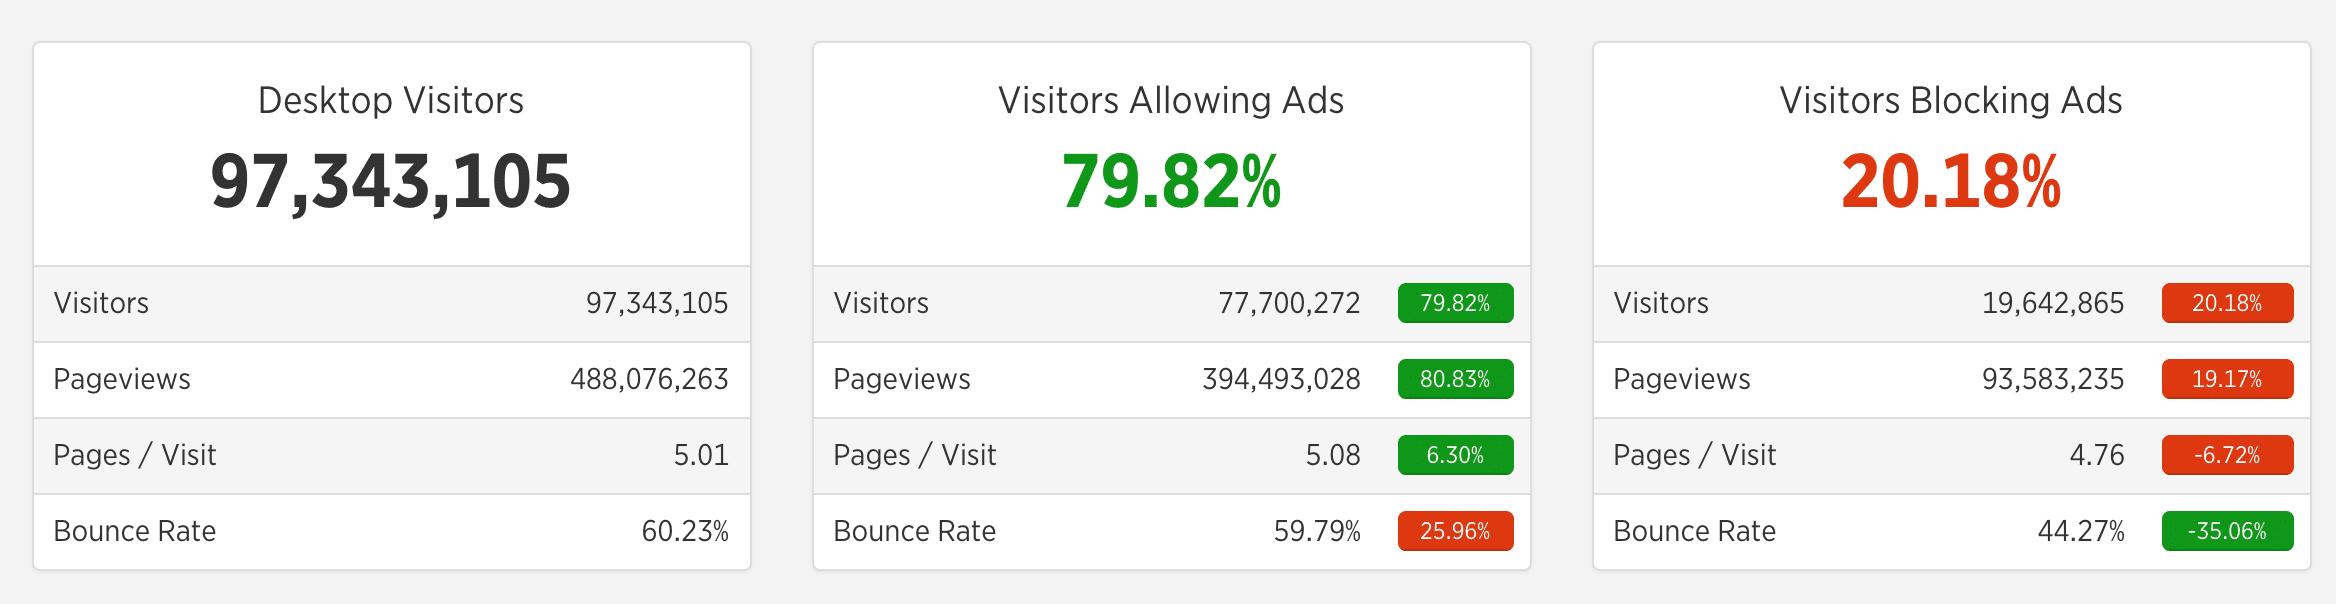 Ad blocking statistics